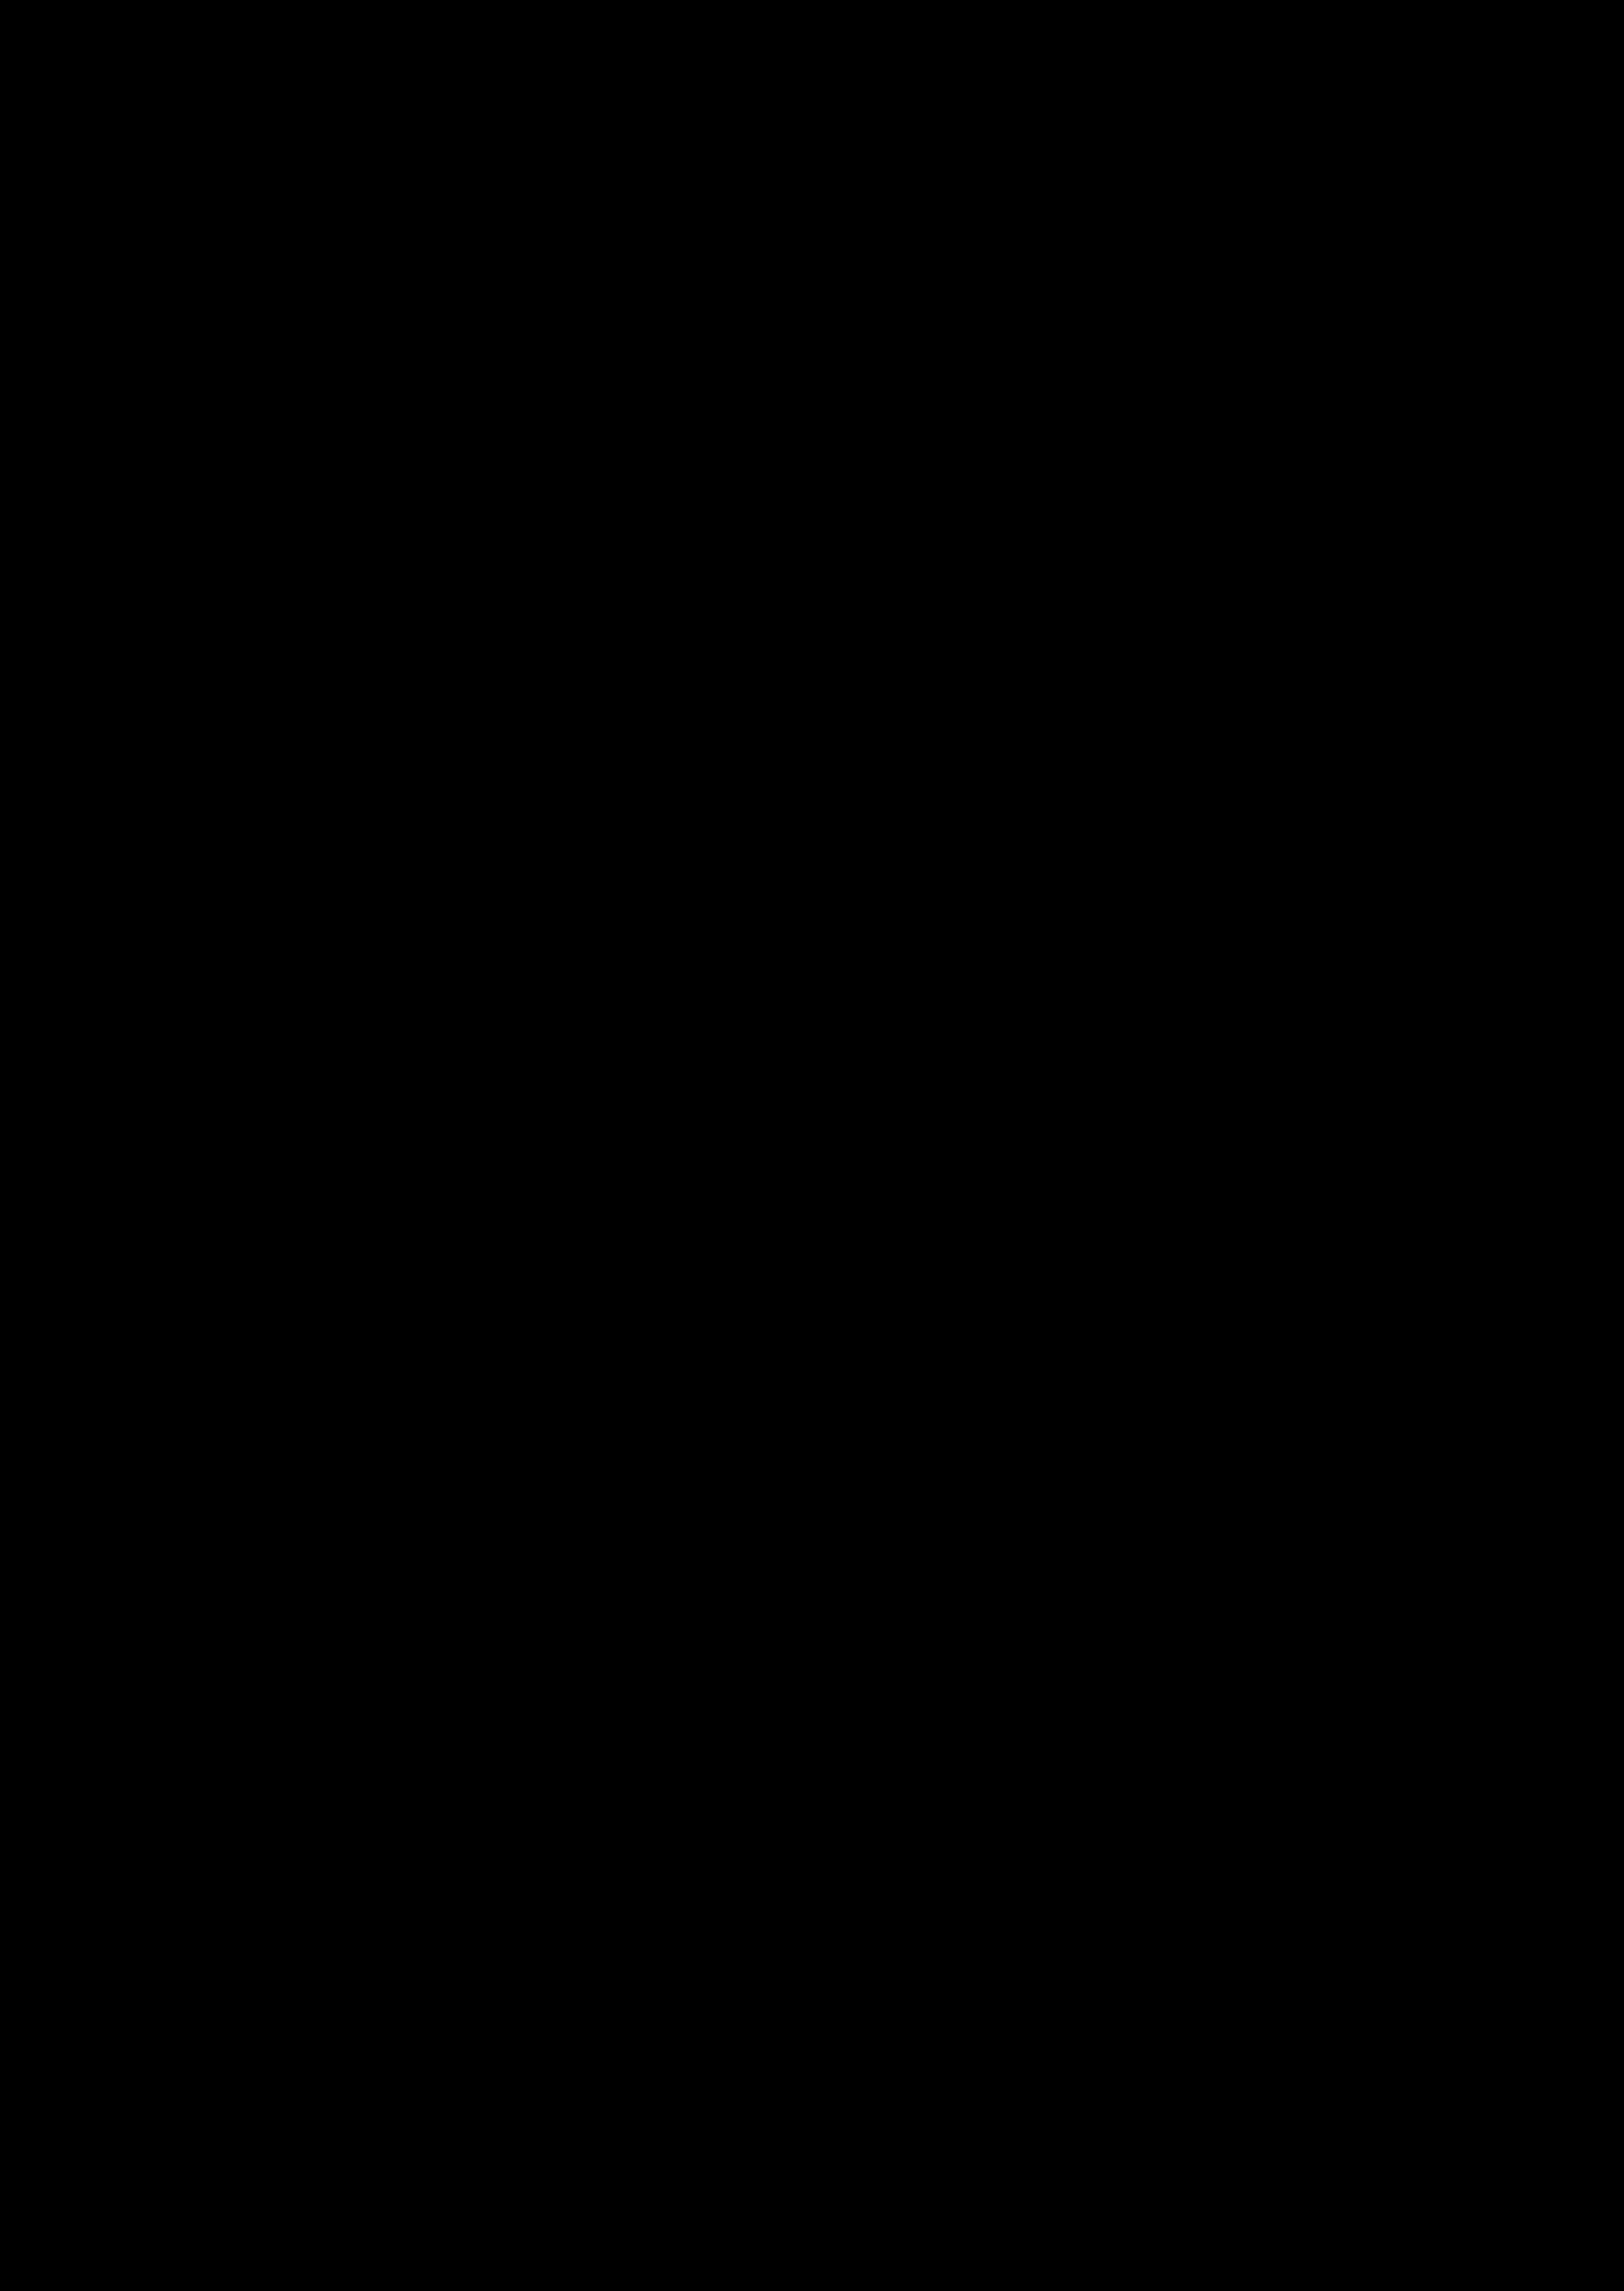 DE Capital Market